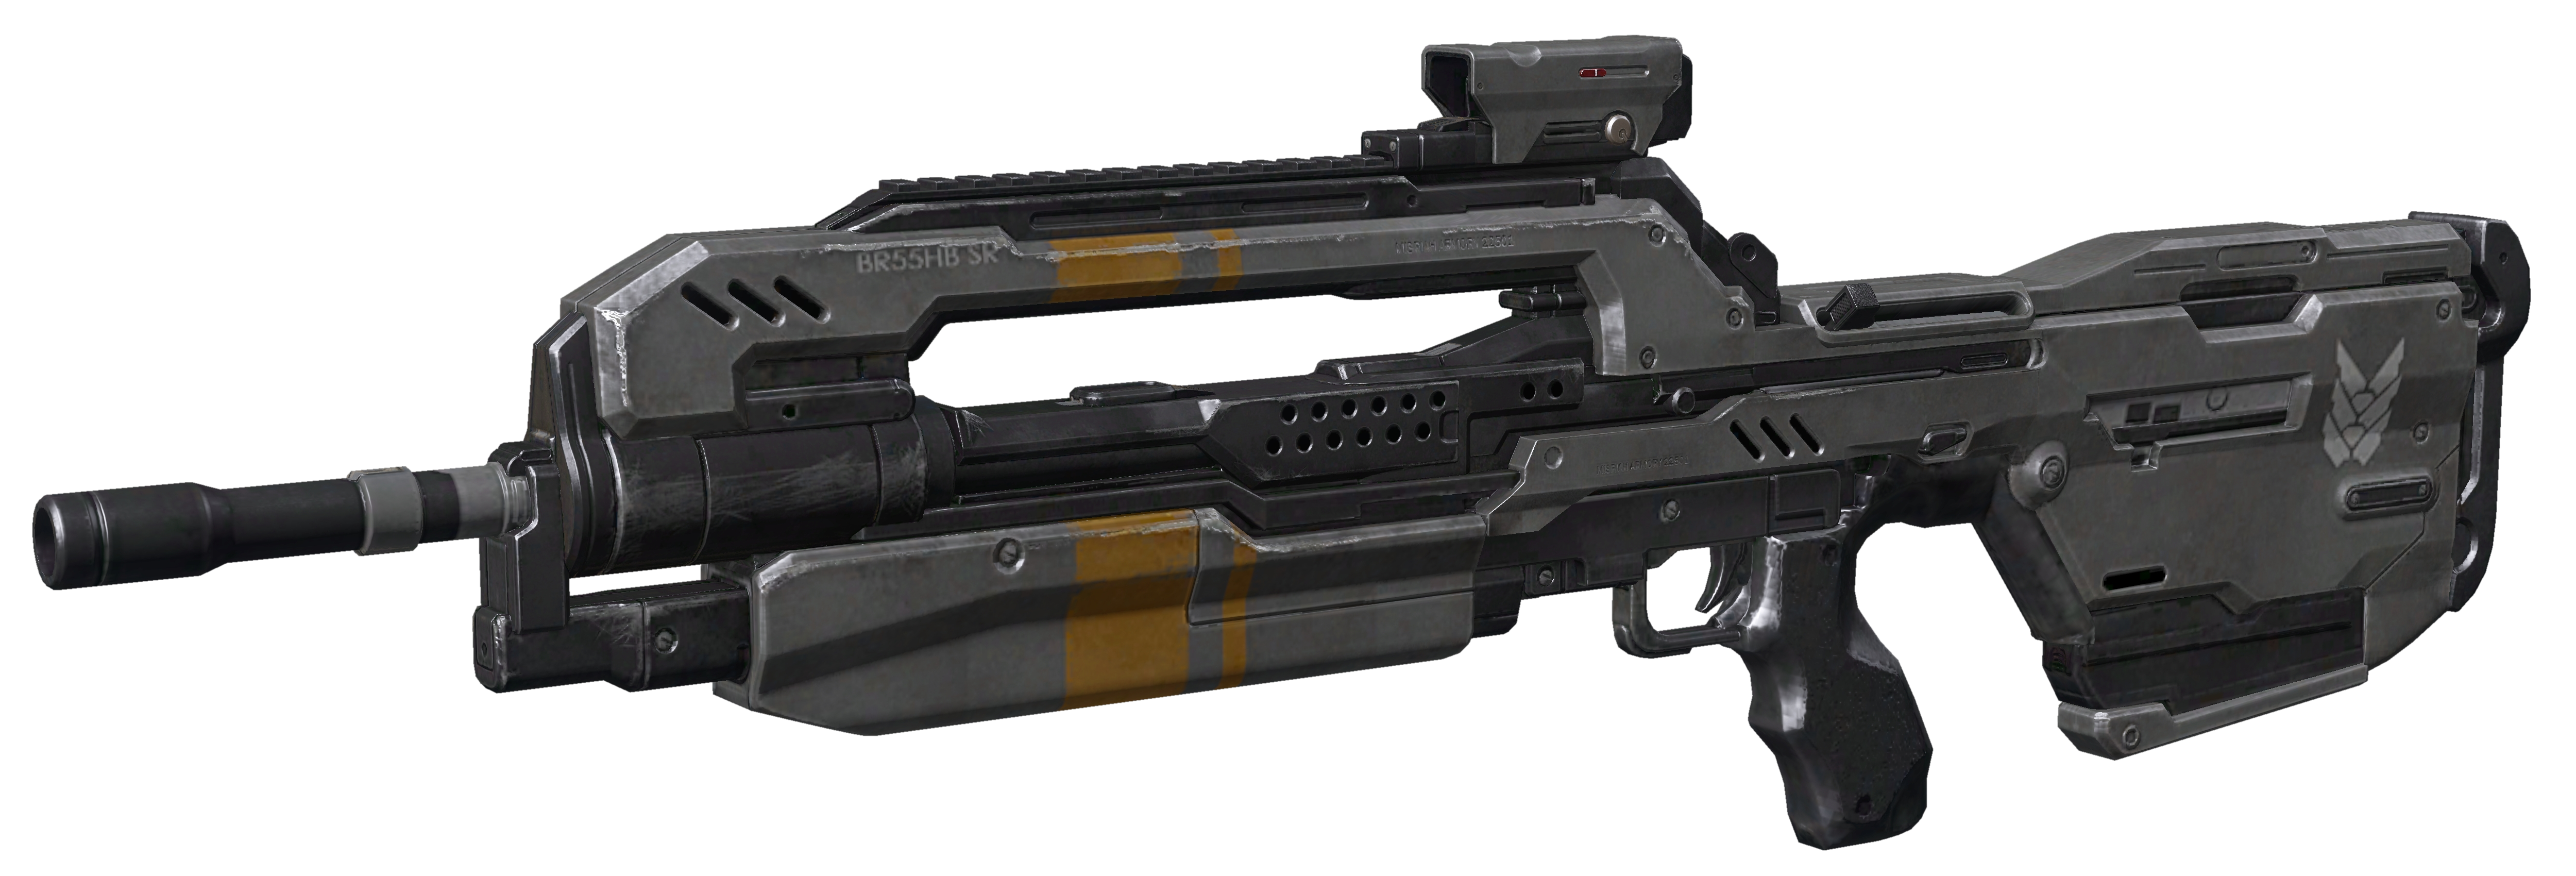 情報】Halo 4 多人遊戲 - 集中演出:文字版 @最後一戰 ...